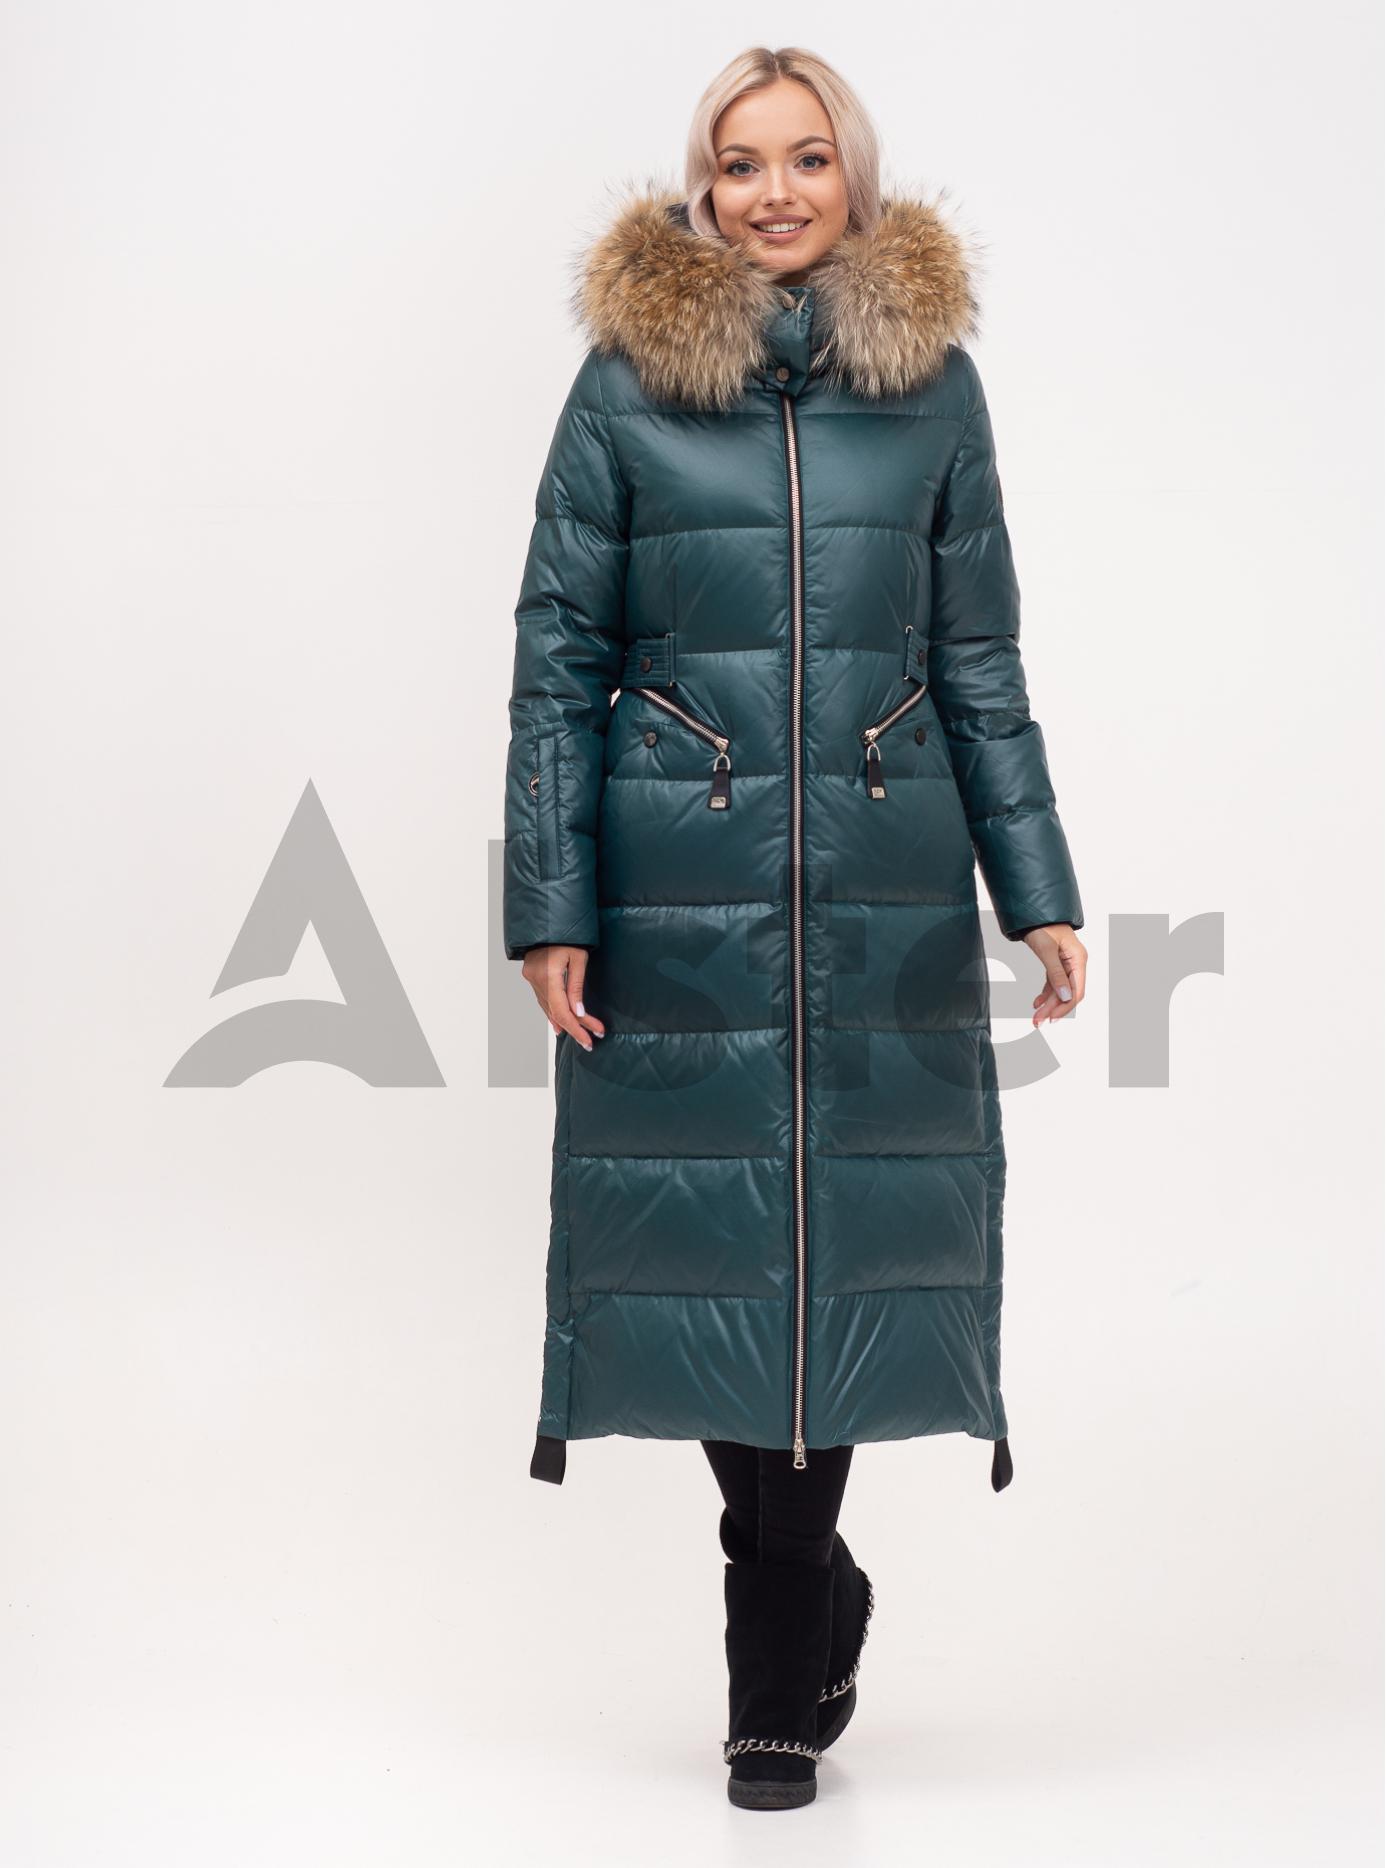 Пуховик зимовий довгий на блискавці з хутром єнота Смарагд S (01-N200457): фото - Alster.ua